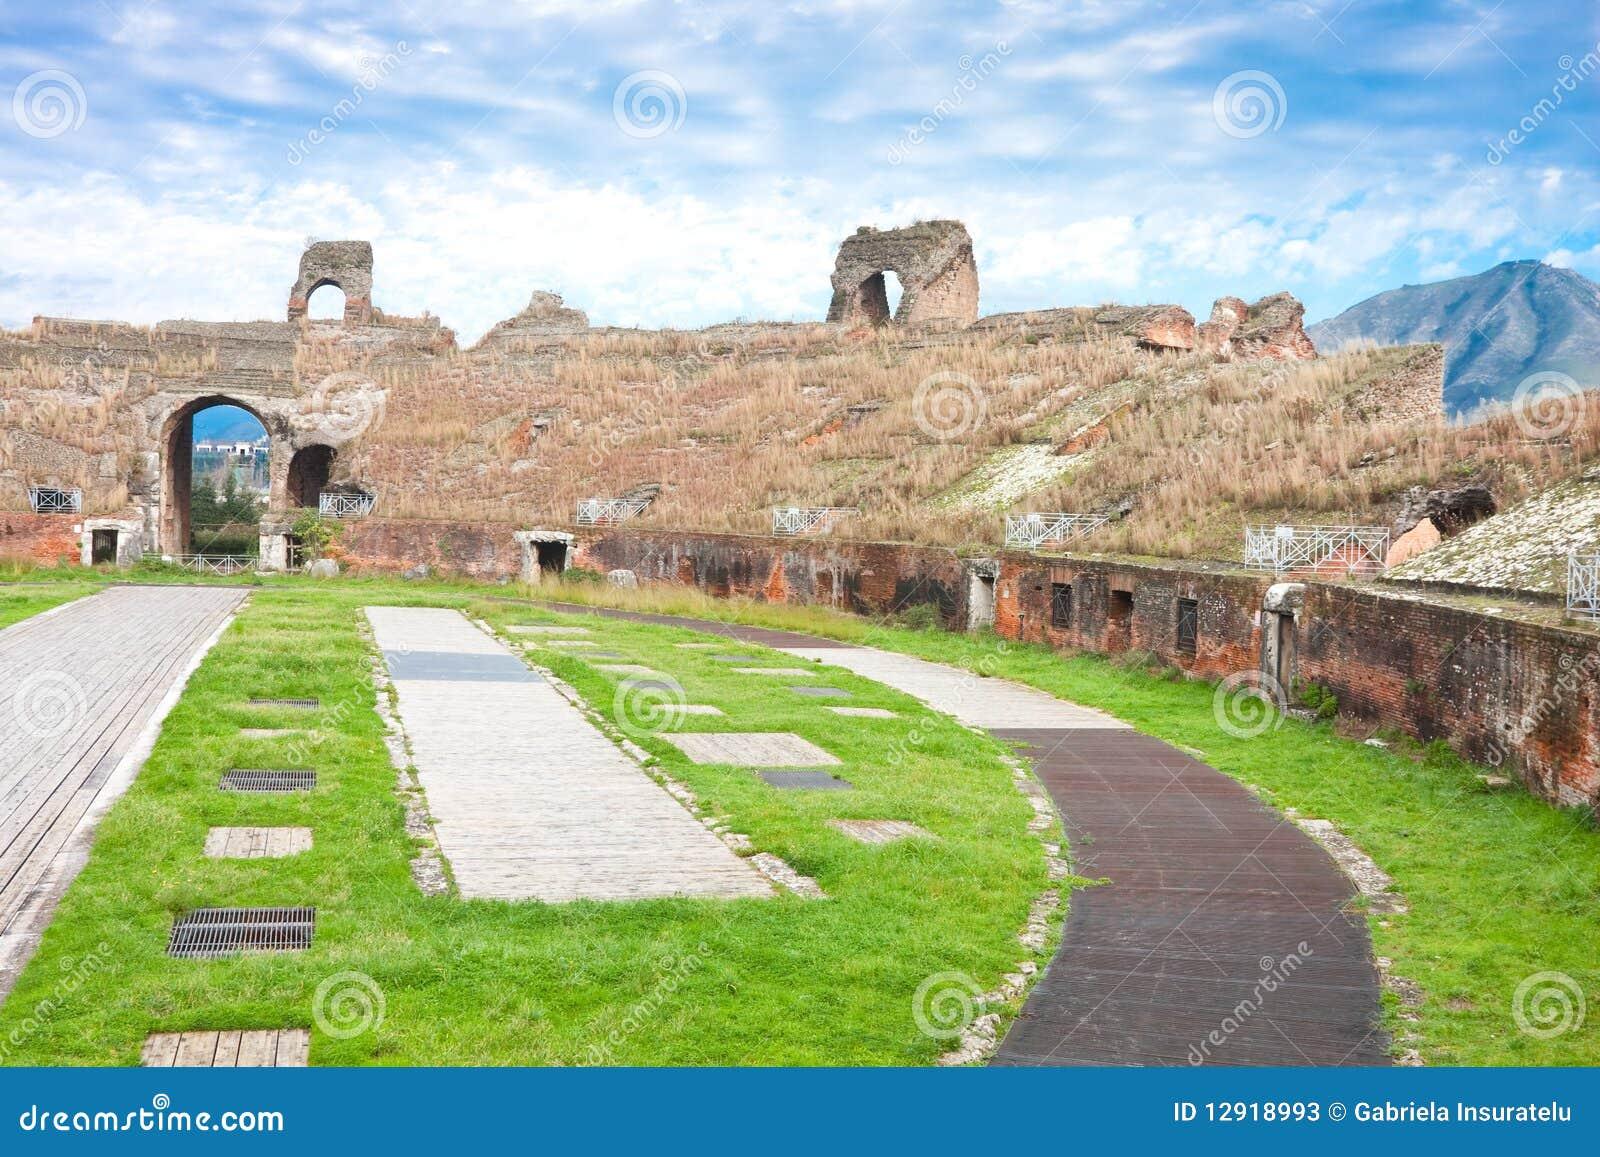 The amphitheater of capua the second biggest roman - Piscina santa maria capua vetere ...